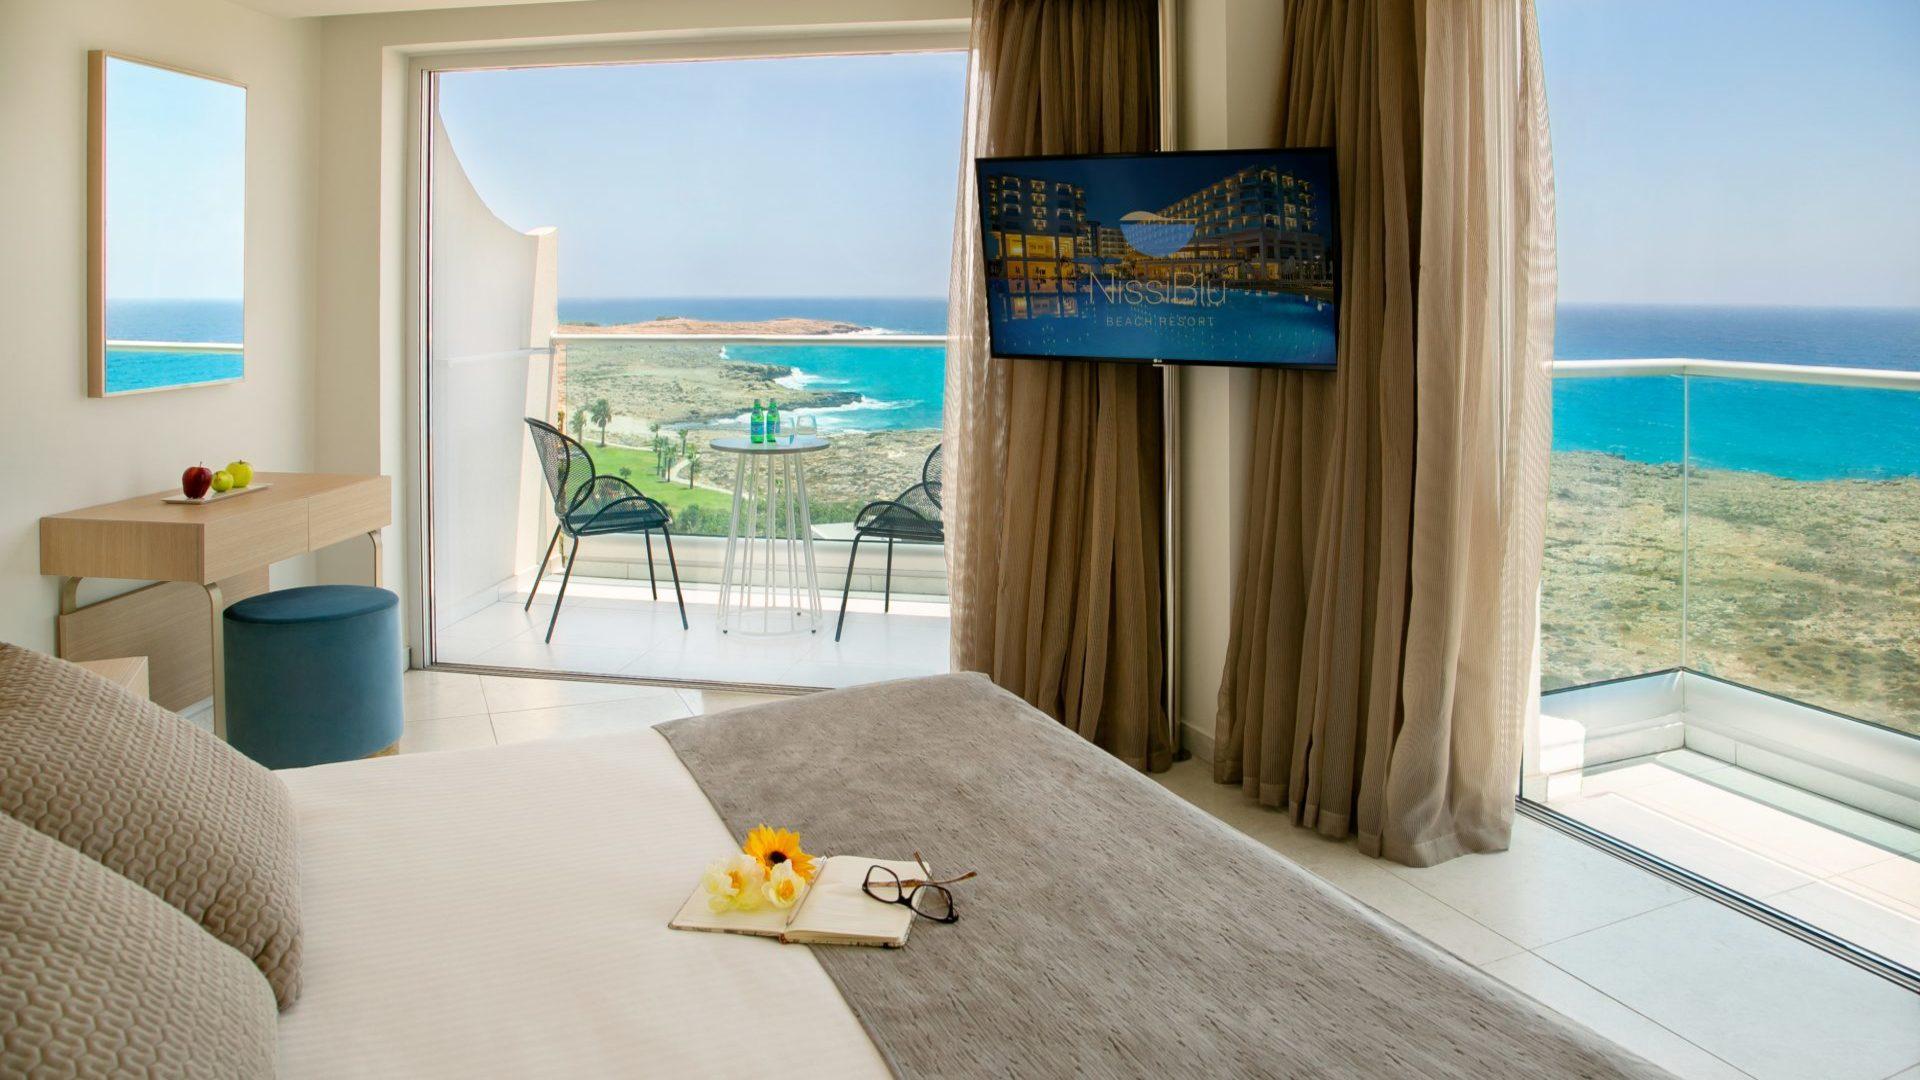 Luxe kamer in het Nissi Blu hotel in Ayia Napa, Cyprus